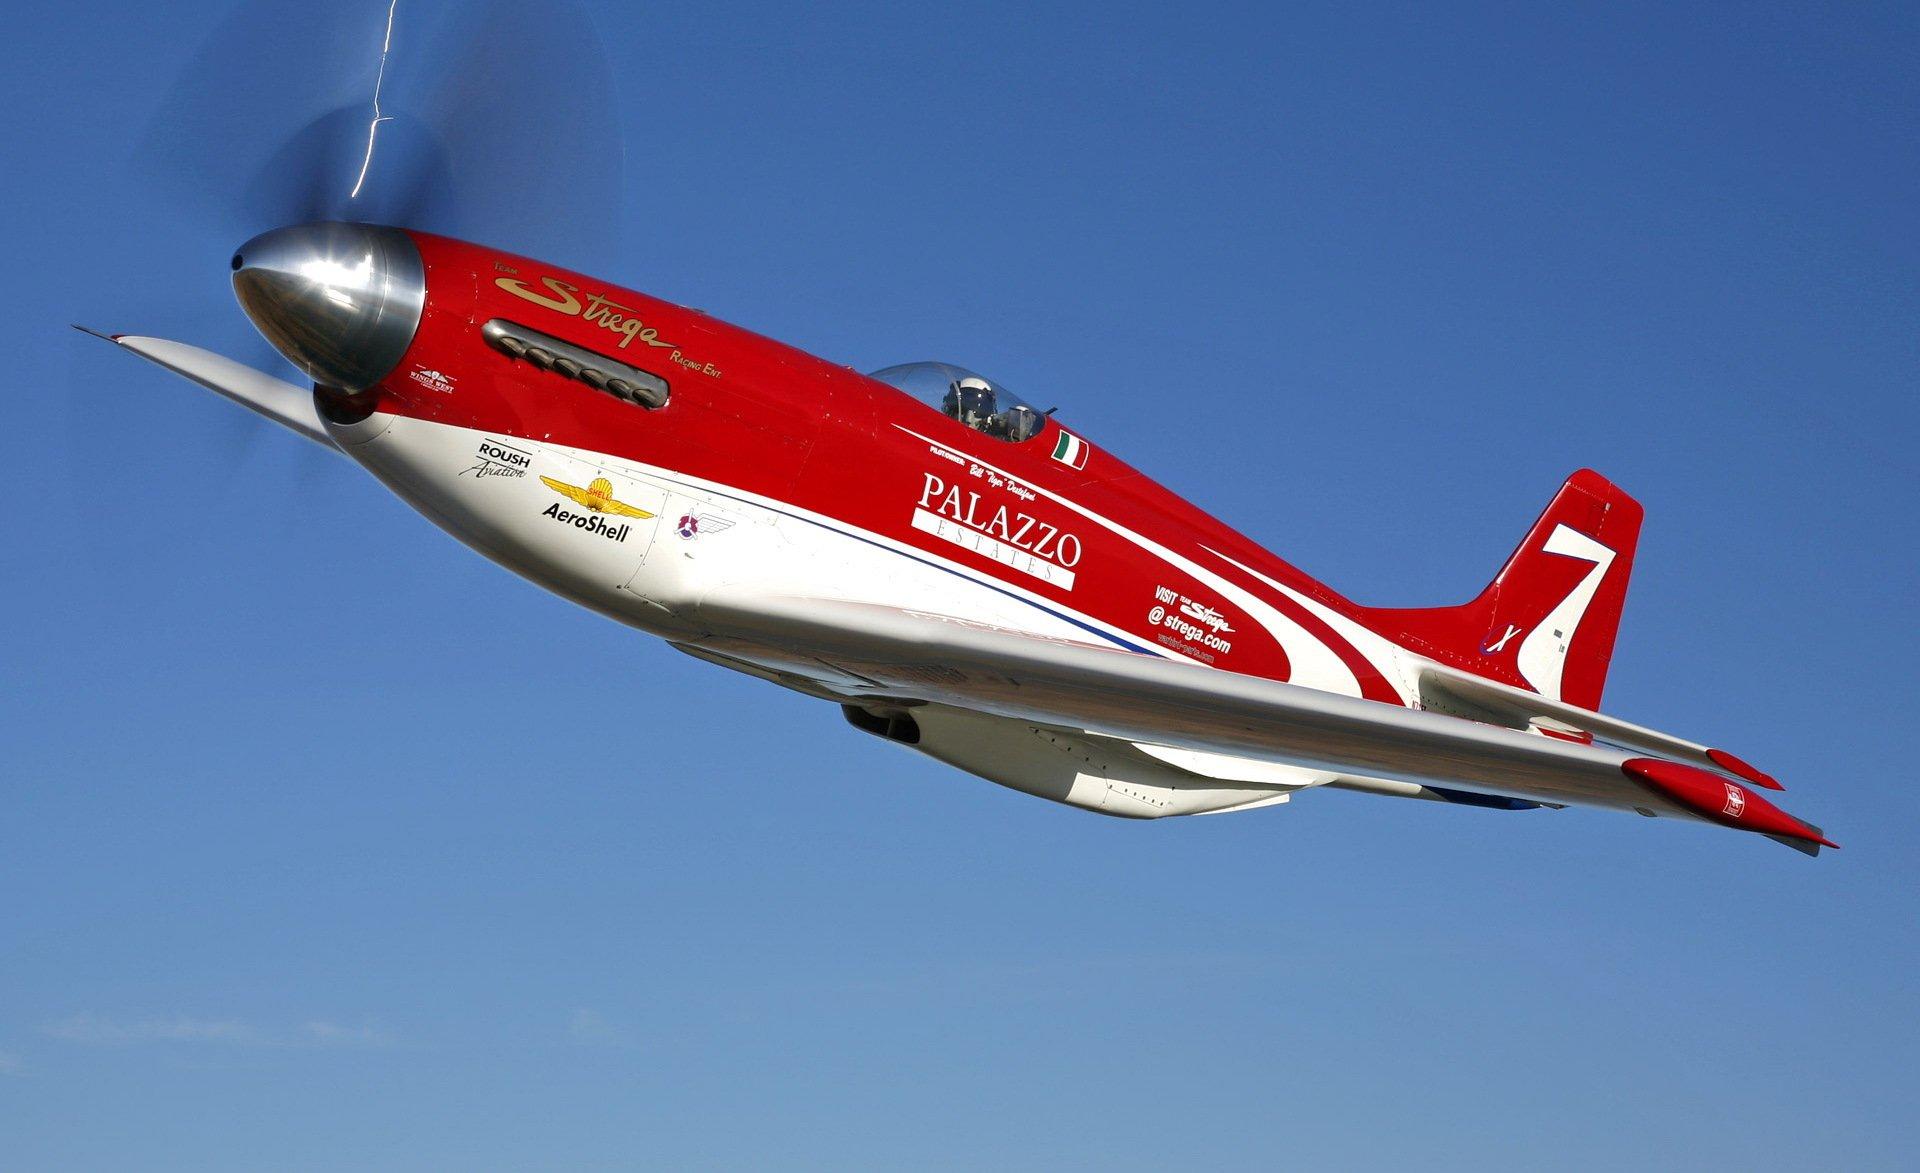 Обои С2, спортивный самолёт, краснобелый. Авиация foto 6